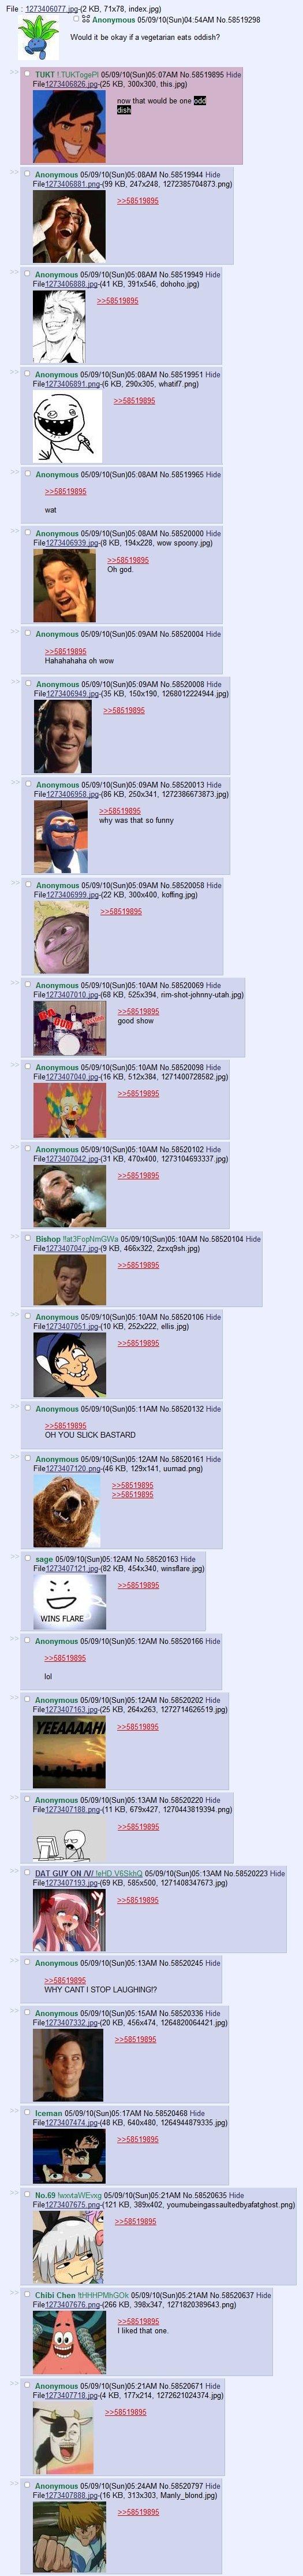 what a odd dish. 4chan thread <br /> <:. 513 1273406077 ', , ) y ES Anonymous / ) 04 No 58519298 Would tbe okay eats oddish? 1: 1 mm I No 53519395  DASU lawl